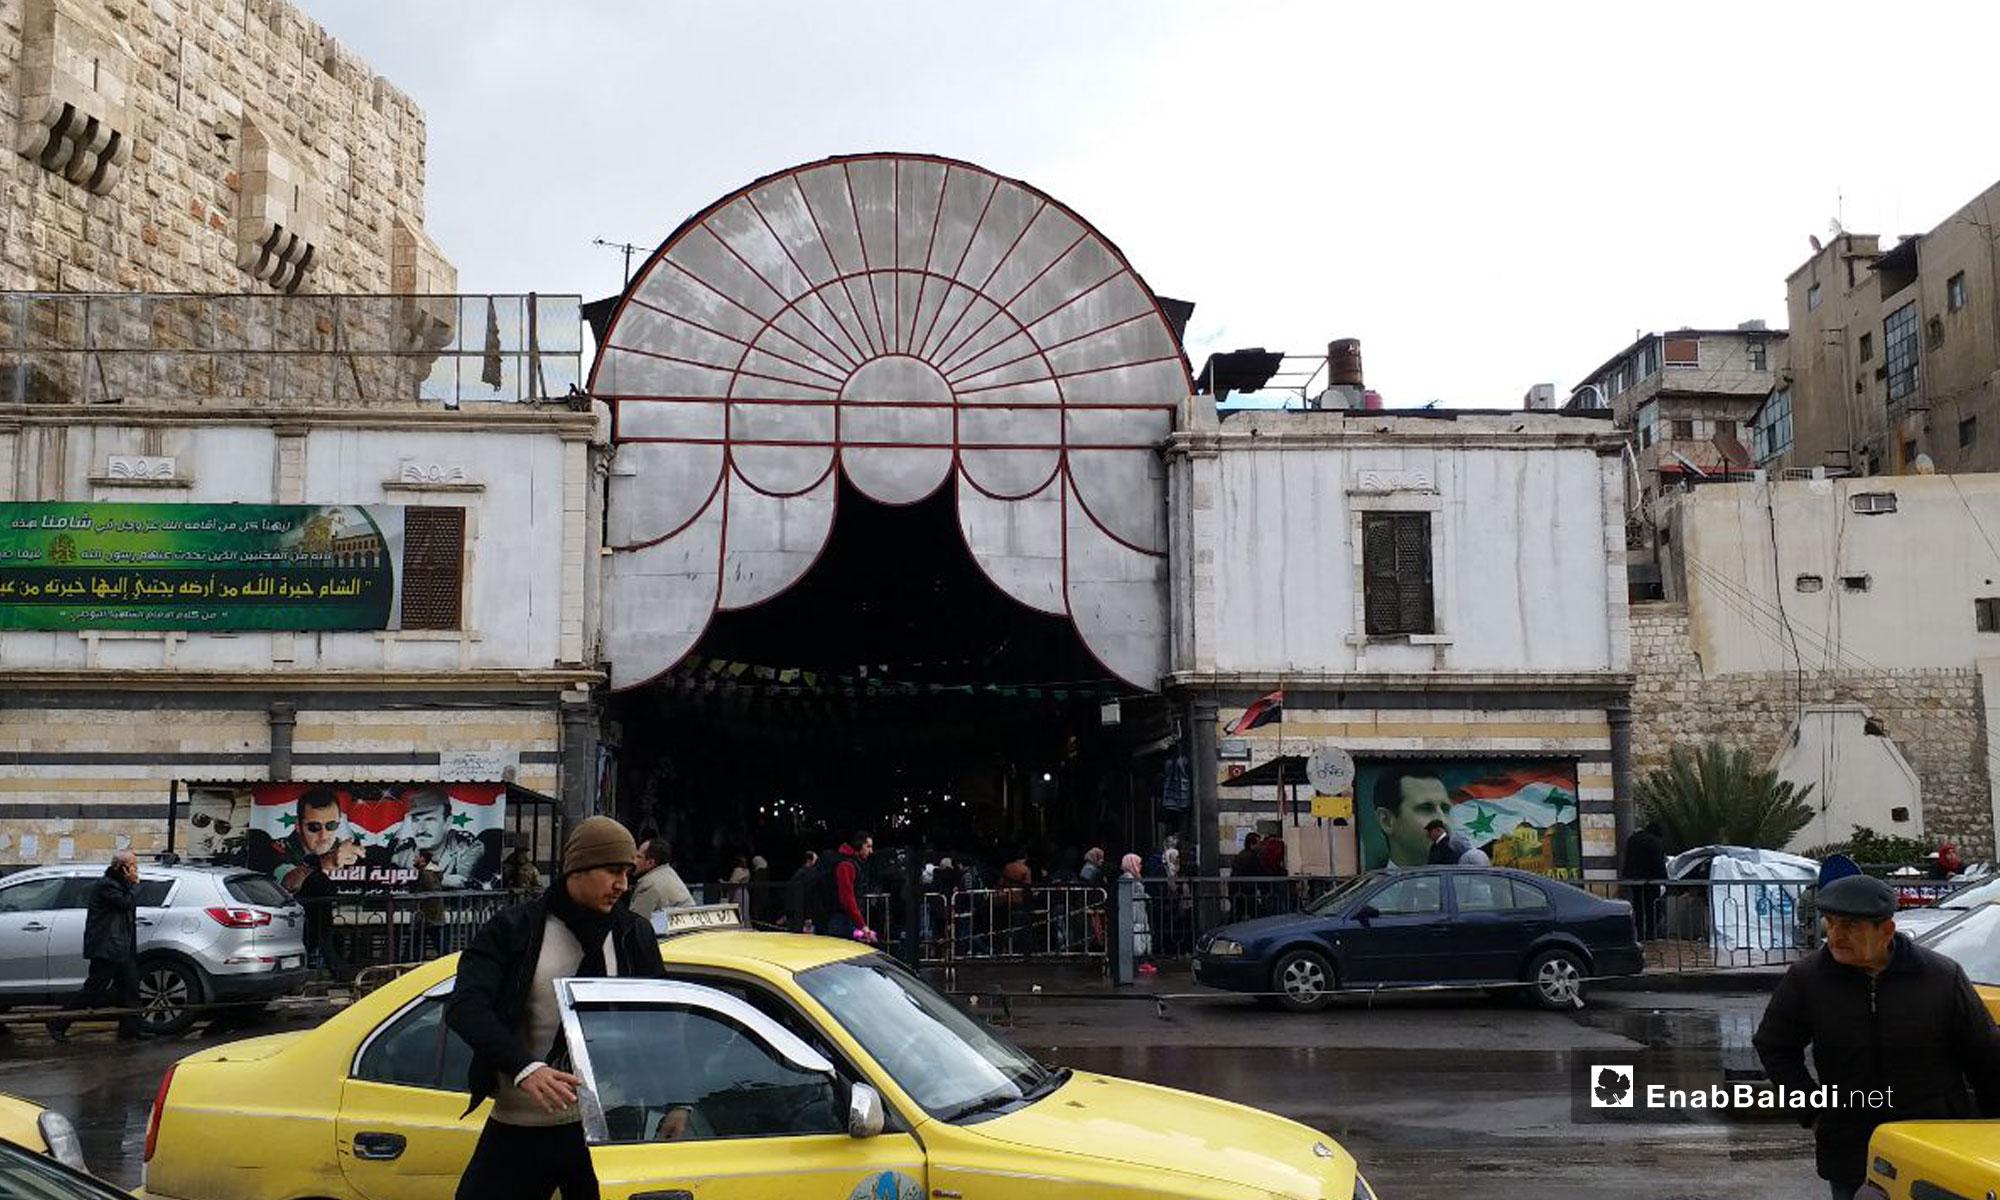 سوق الحميدية في دمشق - 14 من كانون الثاني 2019 (عنب بلدي)